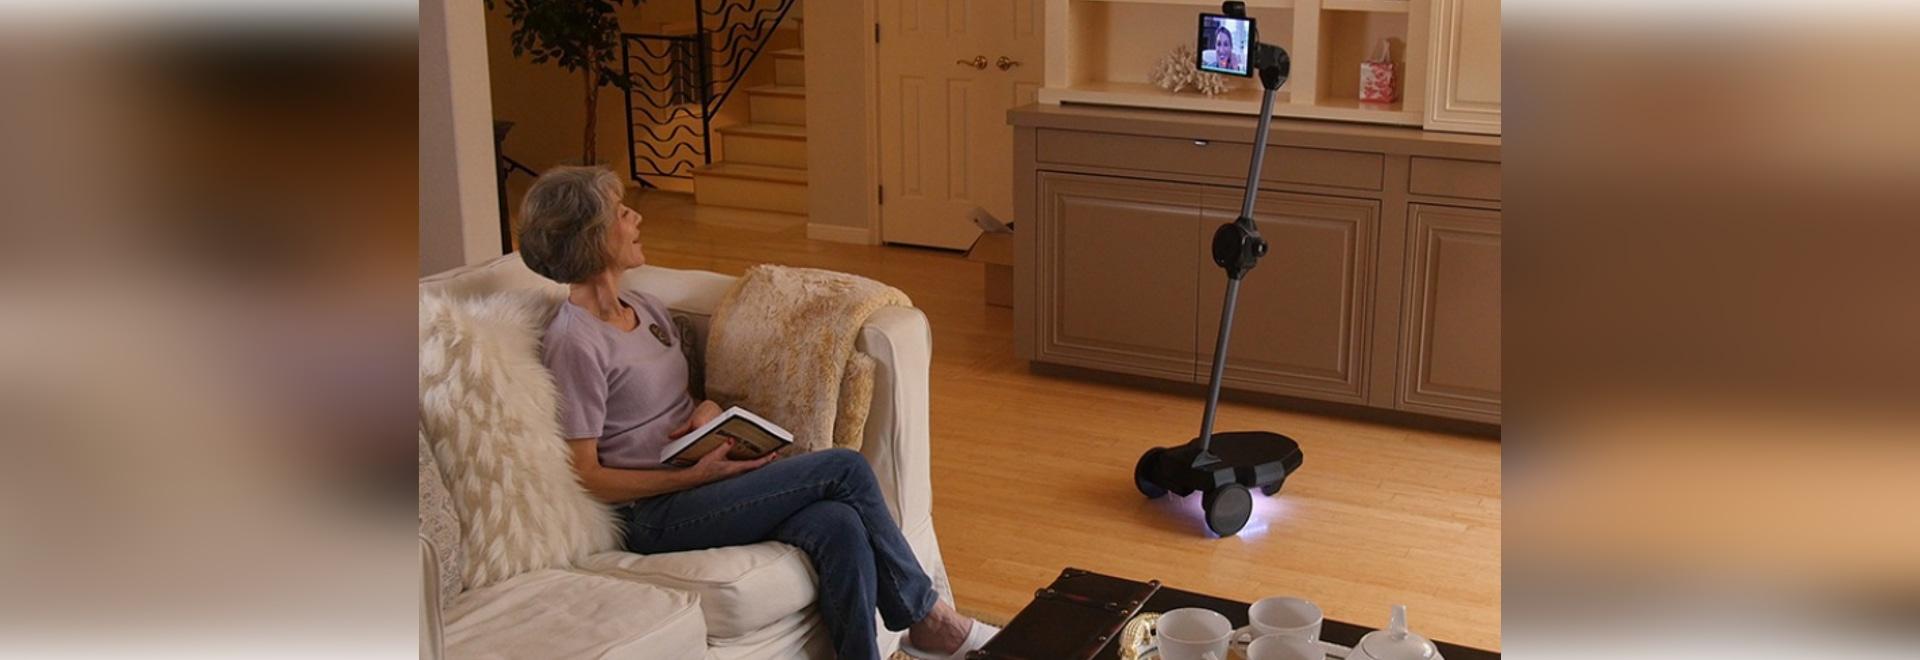 OhmniLabs utilise des robots pour faire à téléprésence une réalité : Entrevue avec le Président Thuc Vu